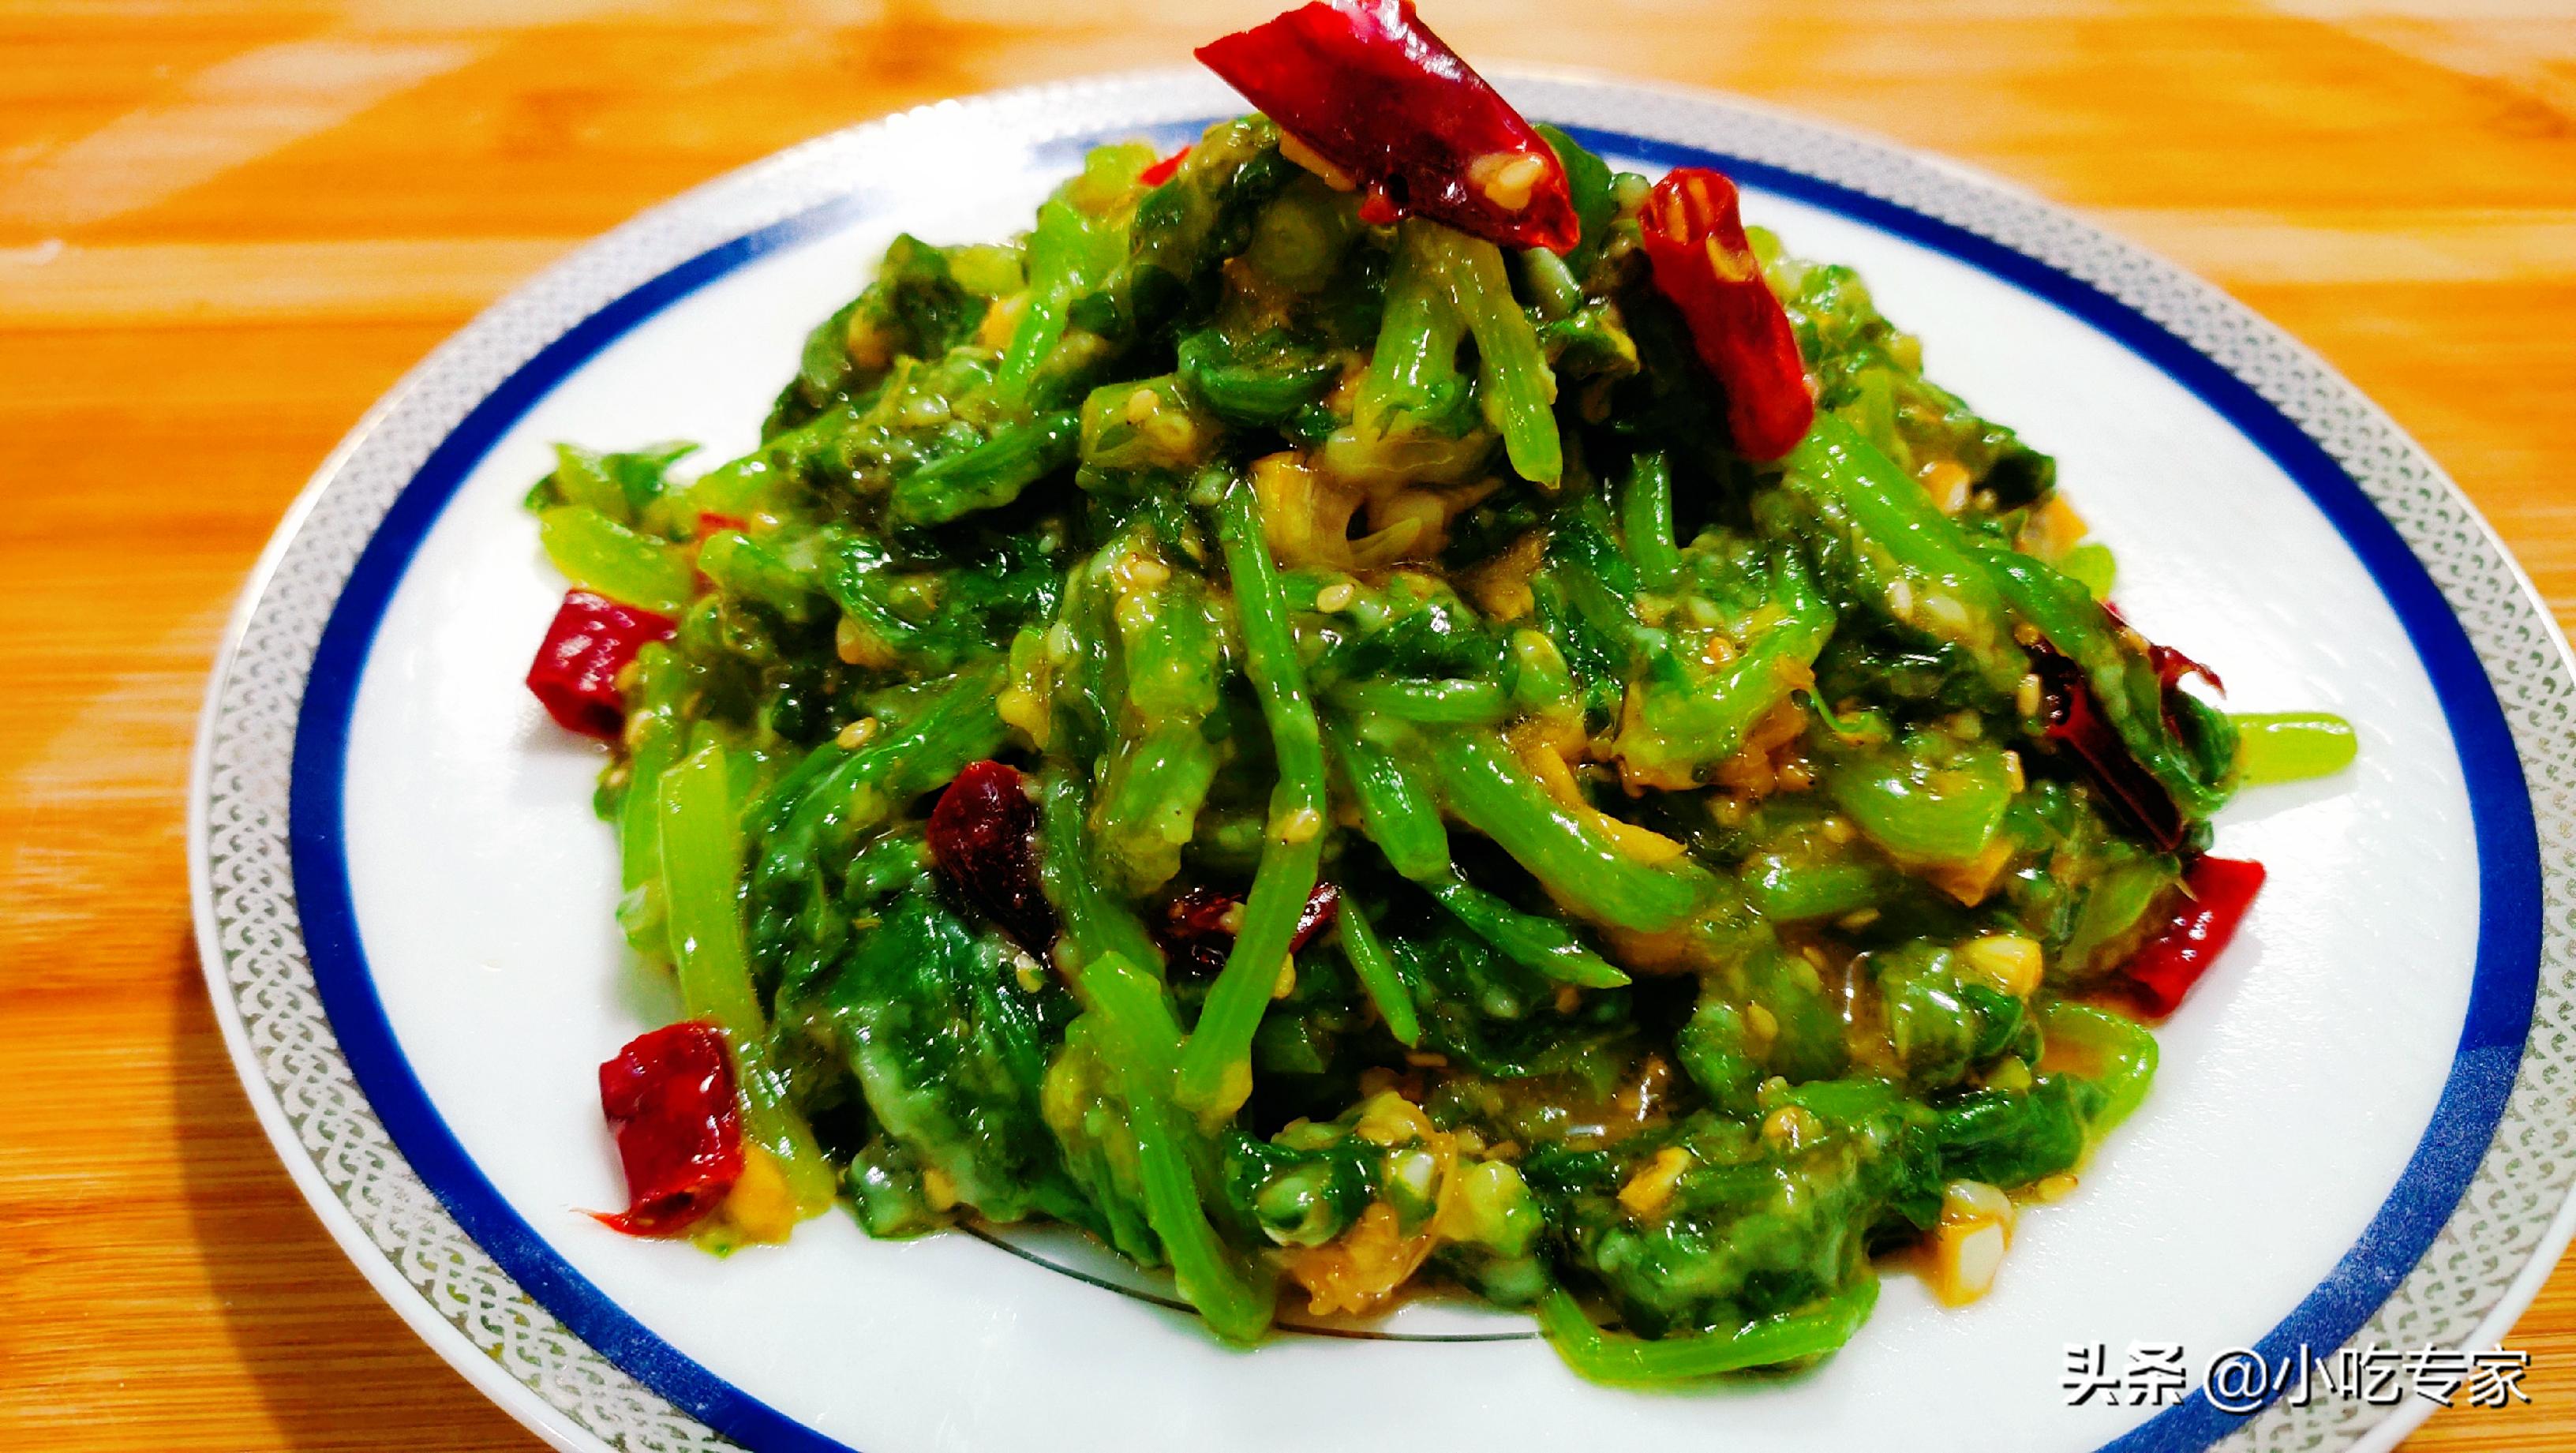 这才是茼蒿最简单美味的做法,香辣爽口,堪称下饭家常菜